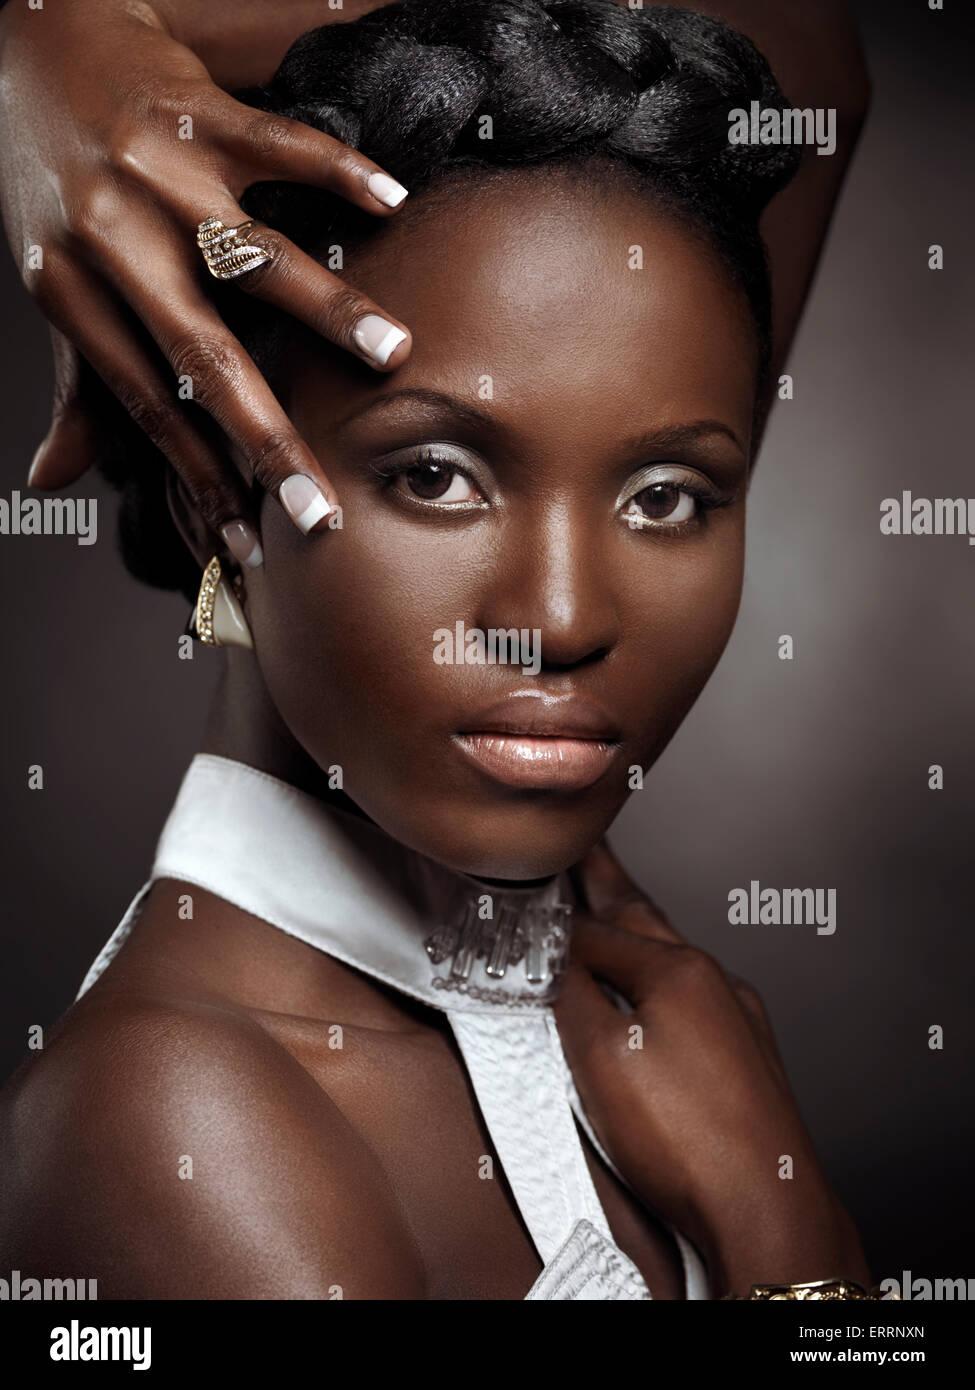 Bella giovane africano-donna americana bellezza artistica ritratto isolato su sfondo nero Immagini Stock